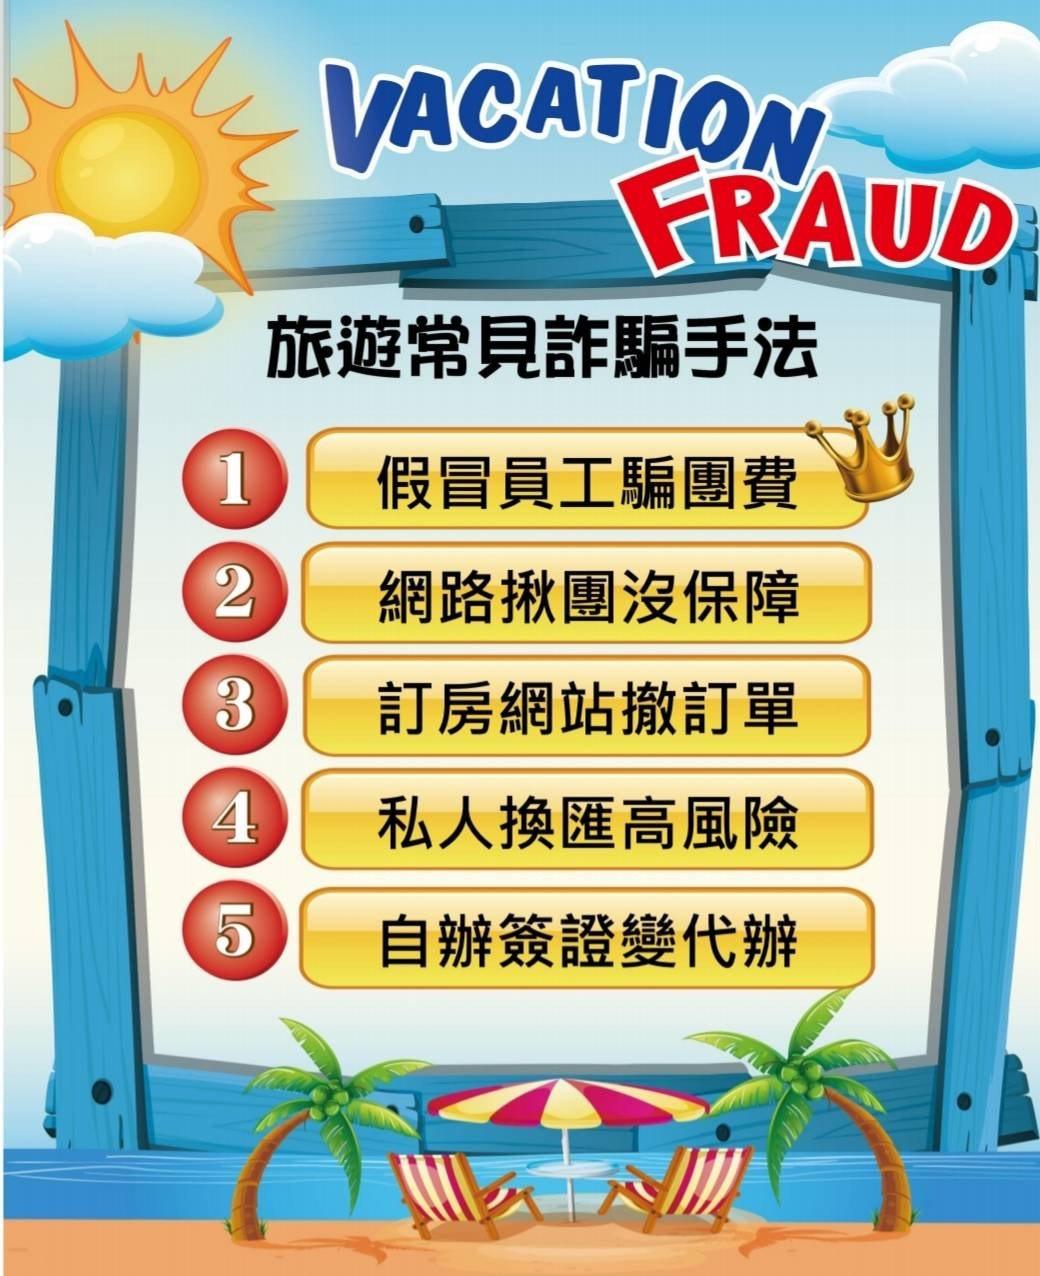 台北國際旅展登場,刑事局宣導避免受騙「全攻略」,提醒民眾付費應簽訂契約或取得收據...